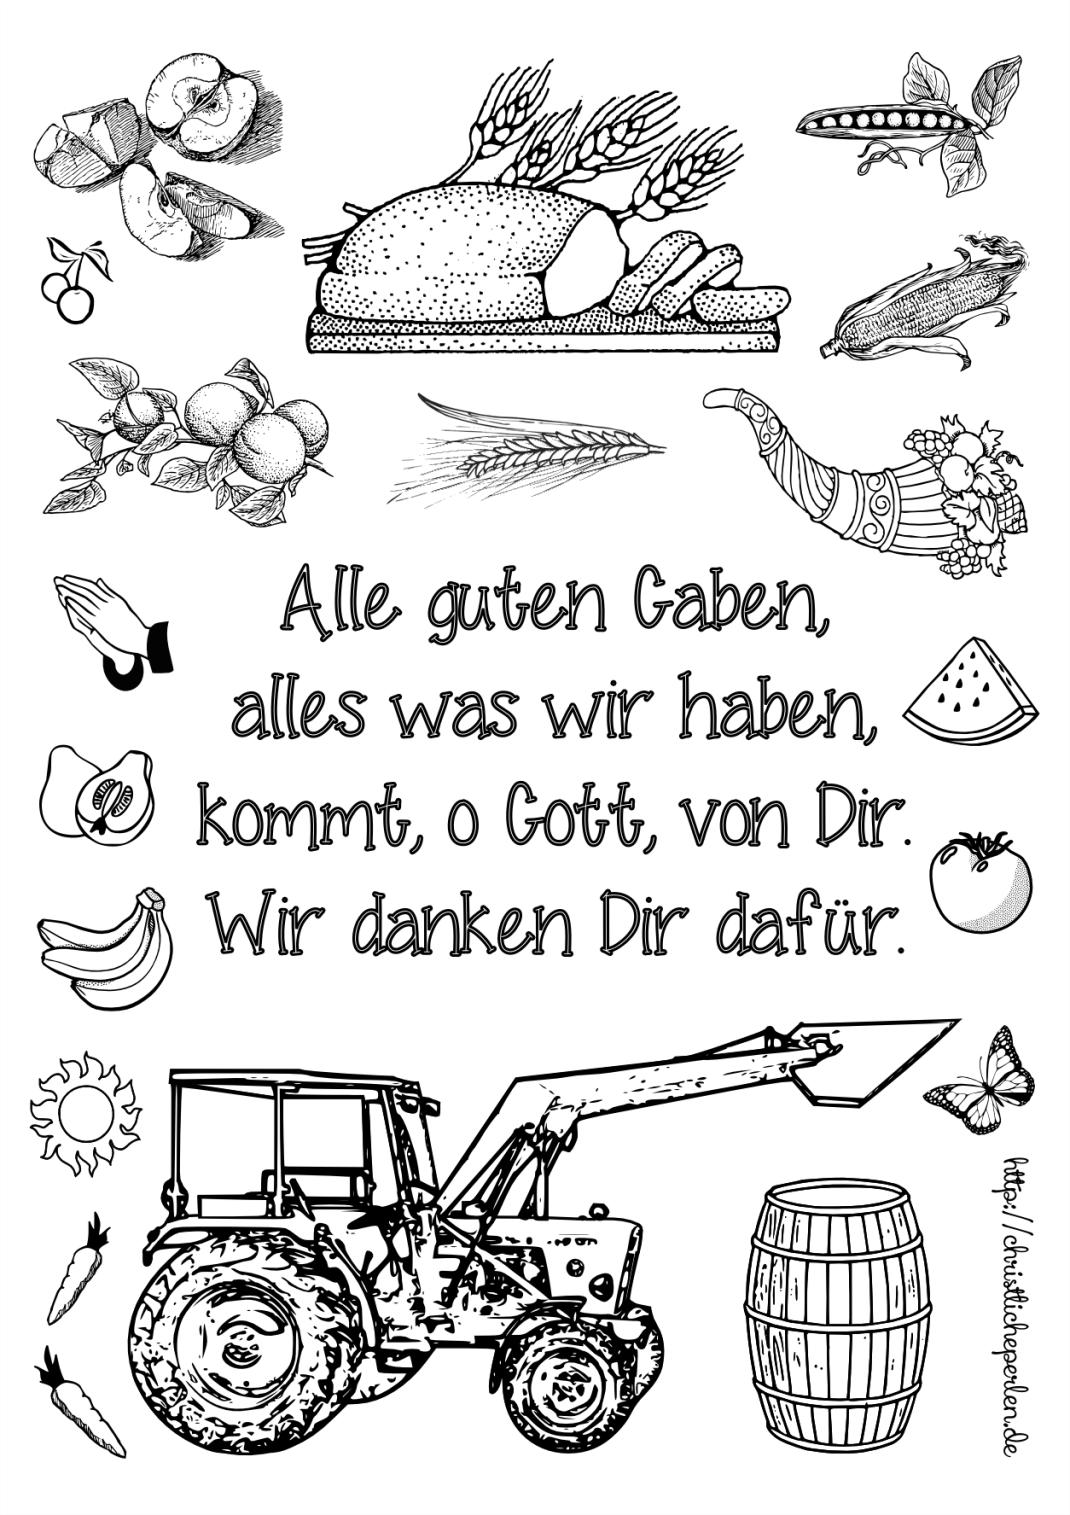 Ziemlich Truthahn Vorlagen Zum Erntedankfest Bilder - Entry Level ...